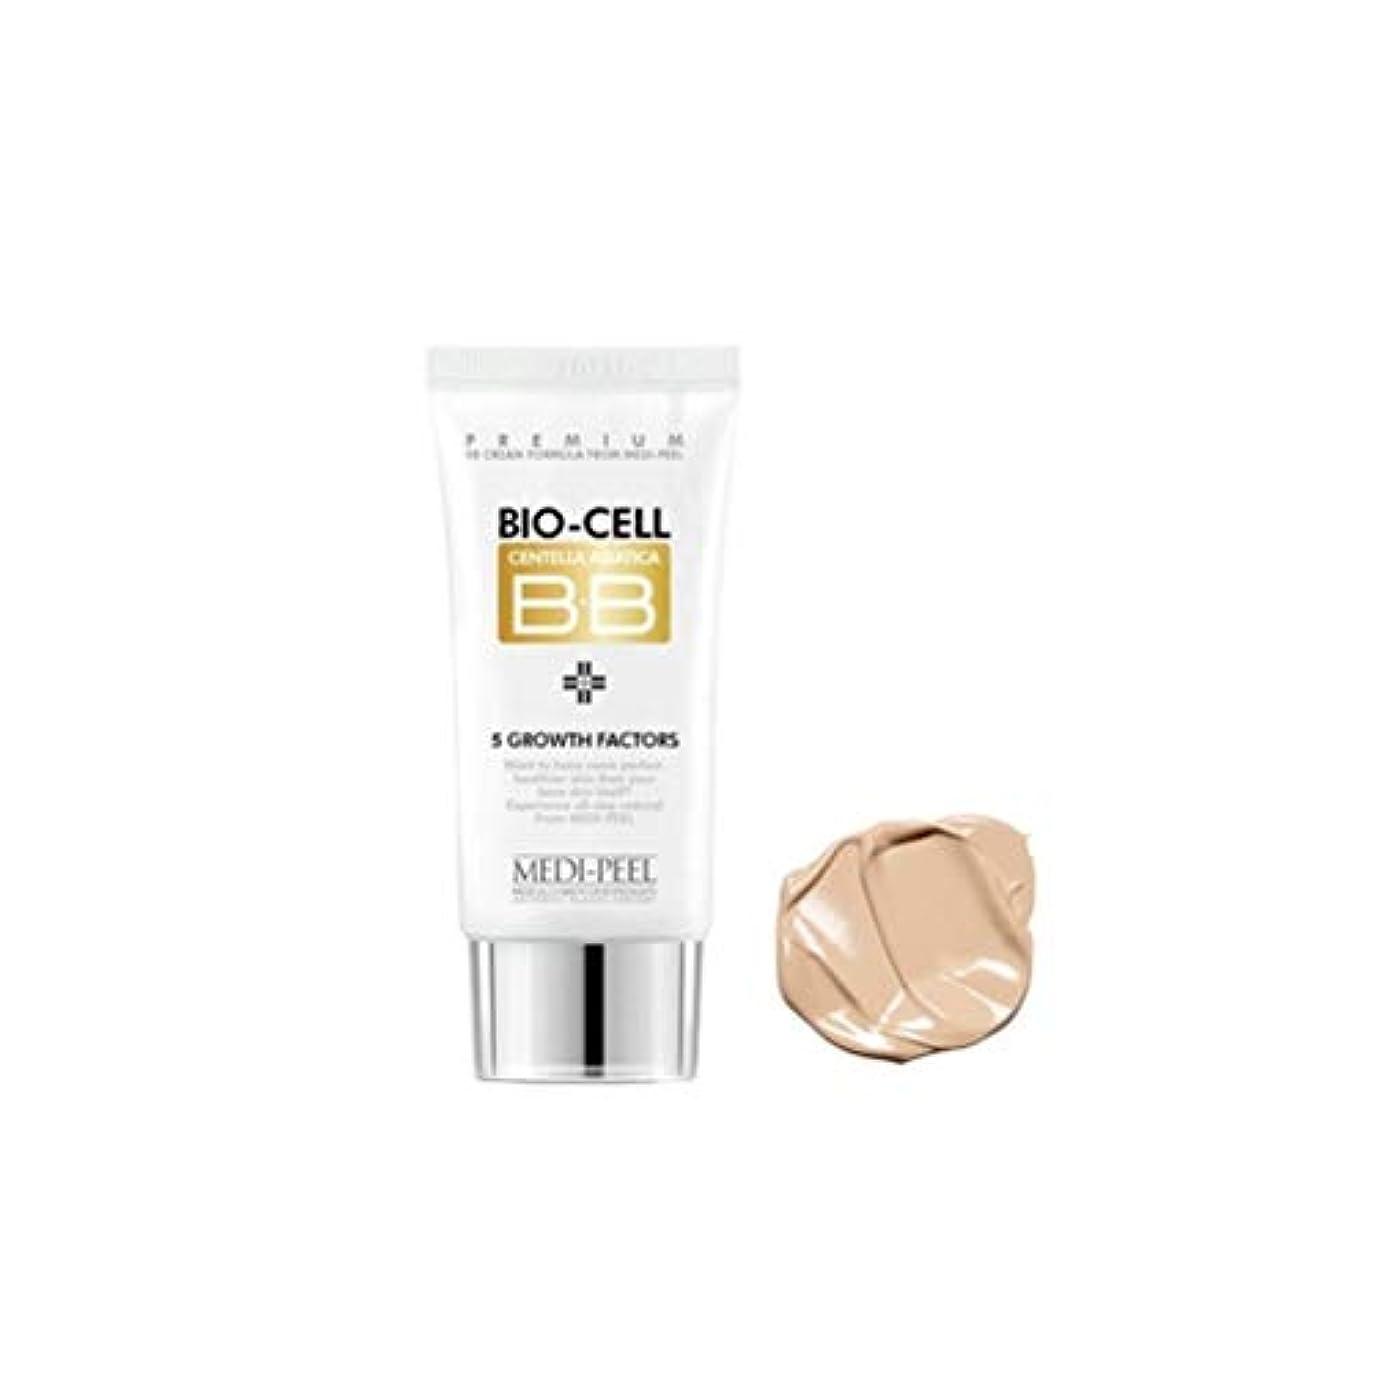 ワーカーブリッジ誕生[Medi-Peel] メディピール バイオセル BBクリーム 50ml. [美.白?シワ.改善2重機能性化粧品] Medi-Peel Bio-cell BB Cream 50ml.